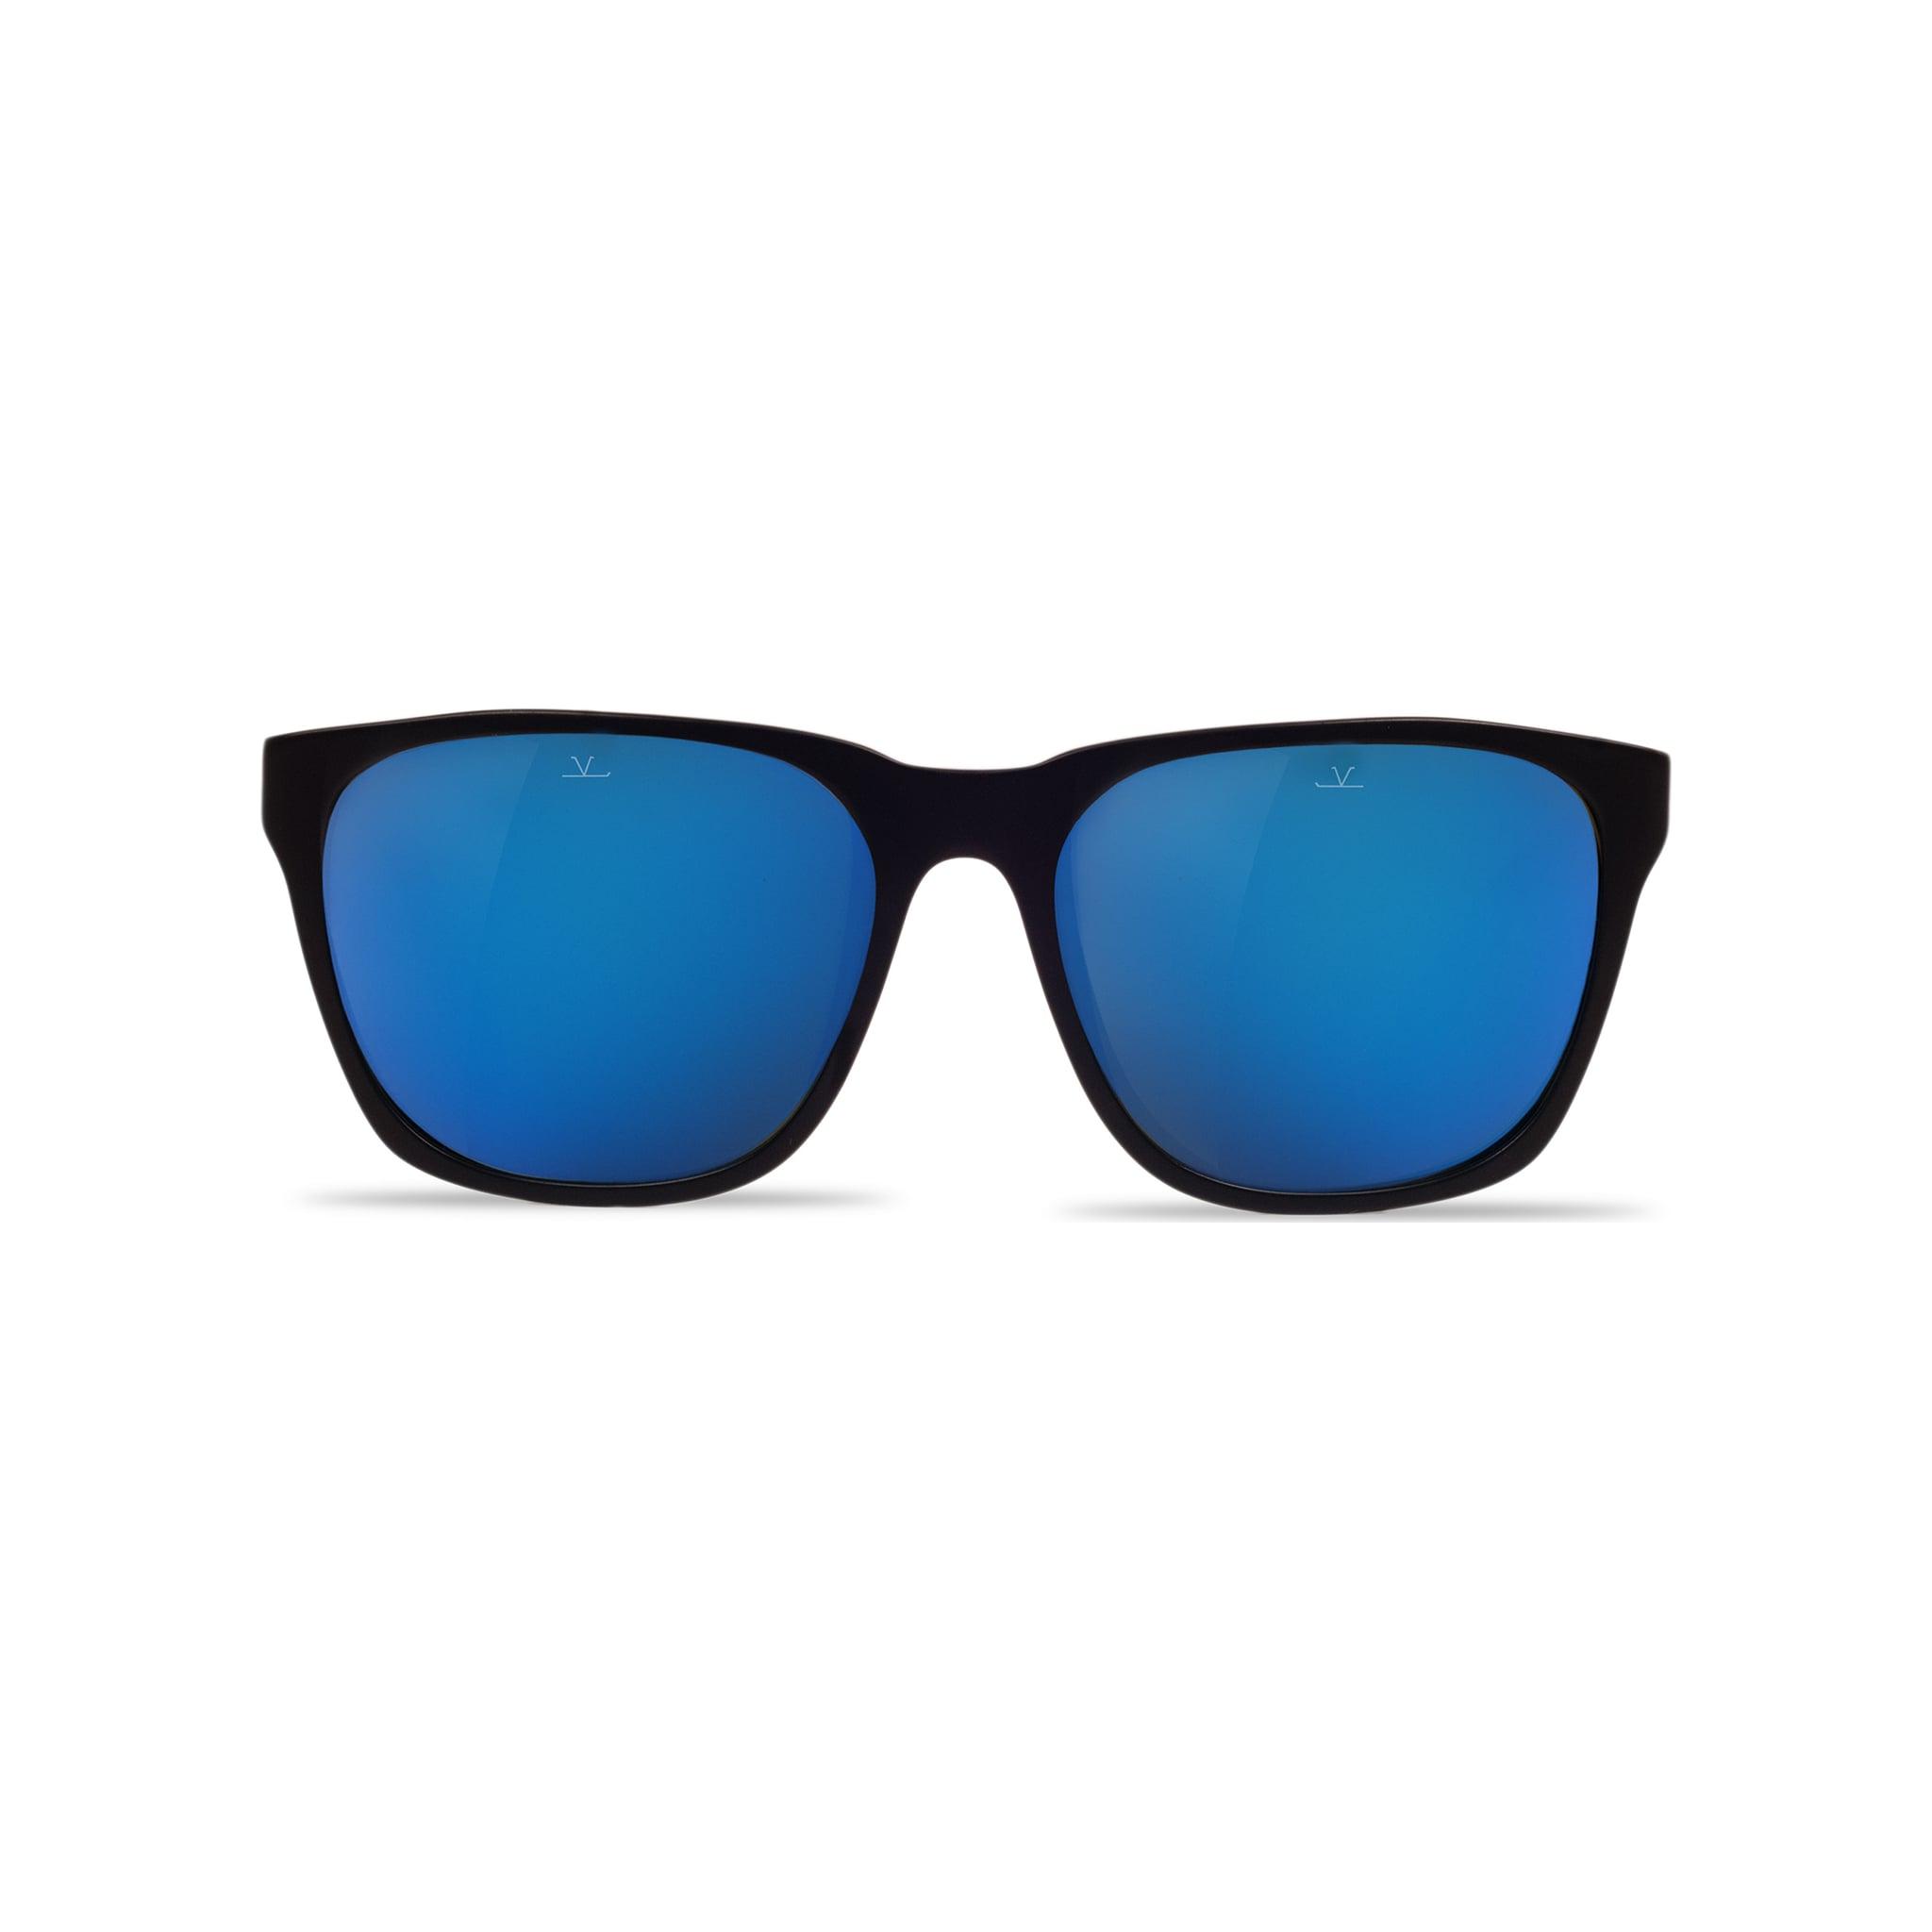 Eksklusiv brille som kombinerer trekk fra sportsbriller og bybriller